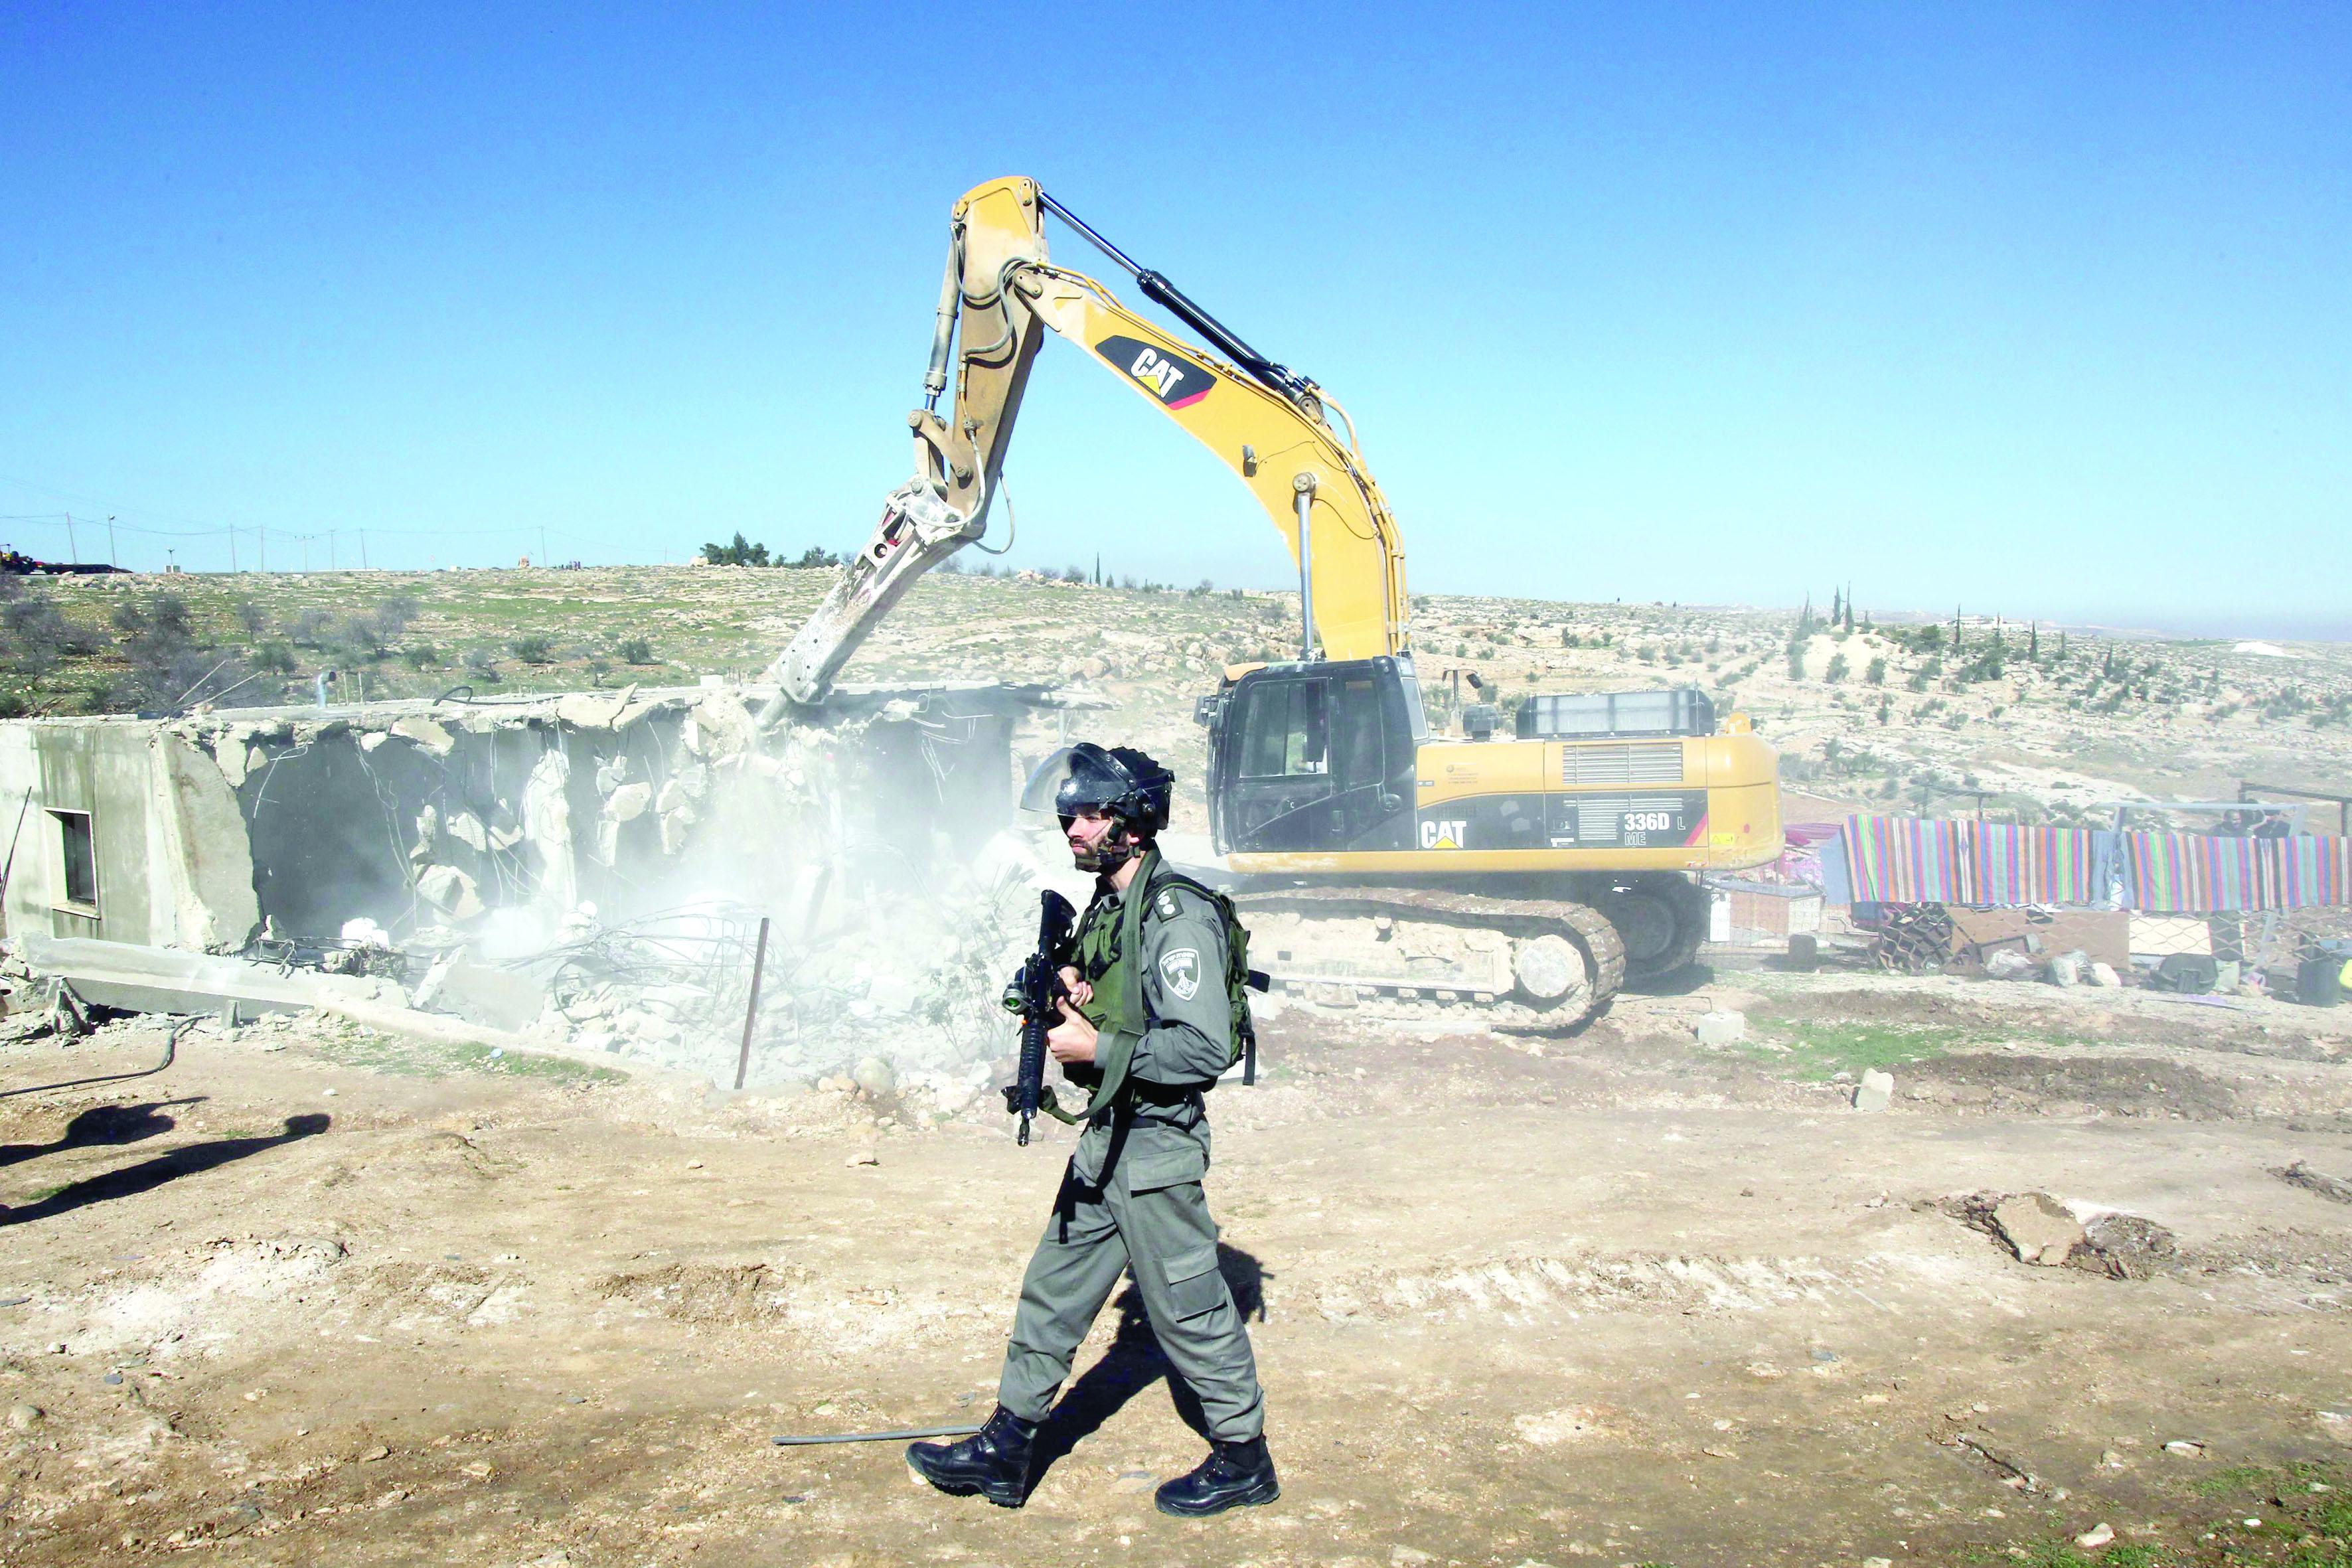 هدم منازل الفلسطينيين.. يتصاعد